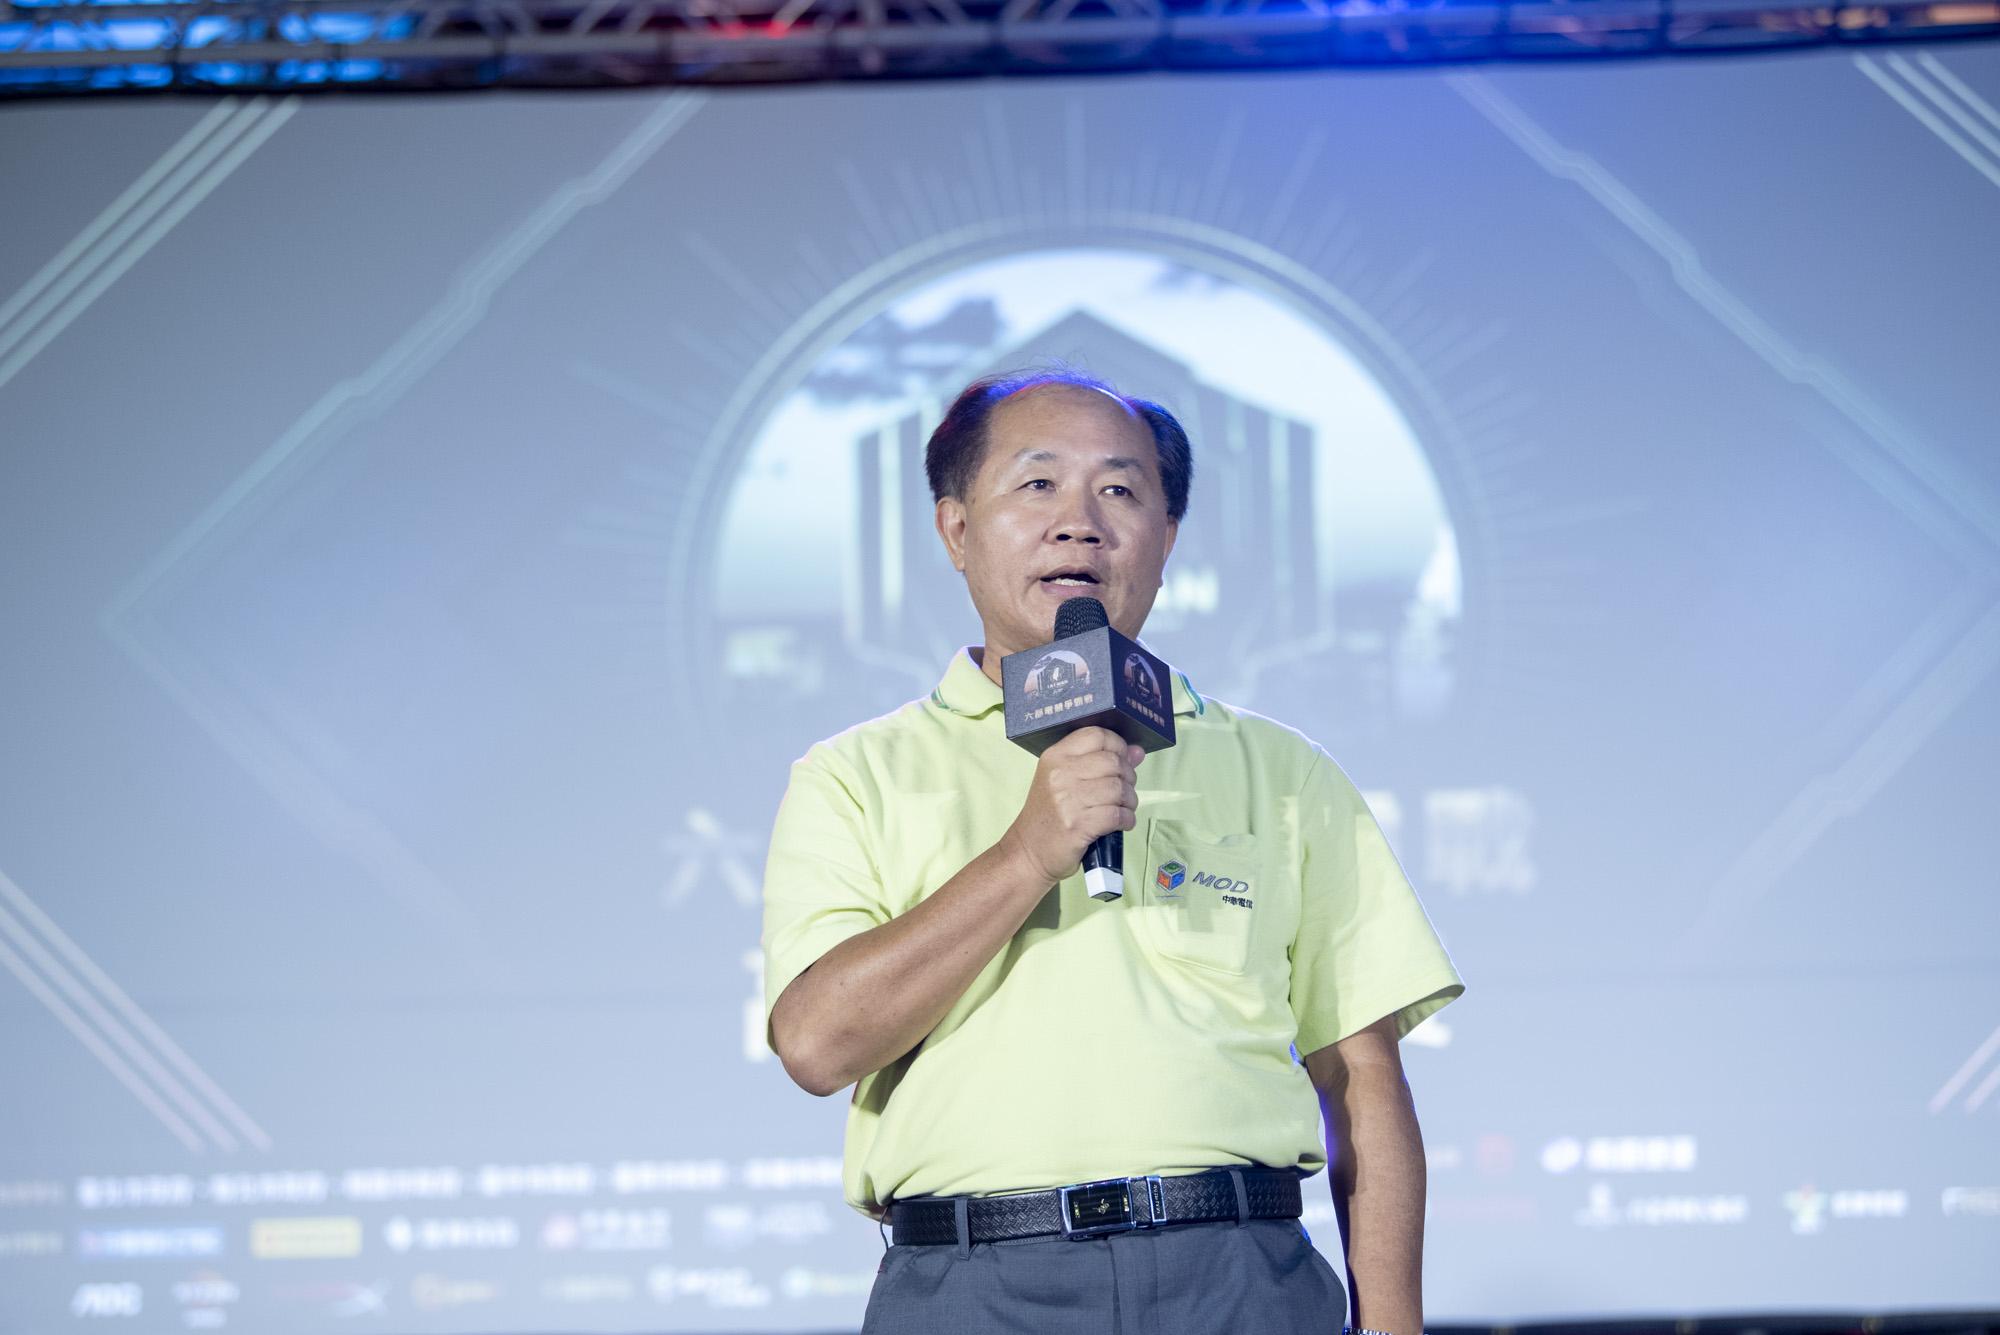 ▲中華電信高雄營運處總經理黃格致表示相當支持電競產業。(攝影:李昆翰)